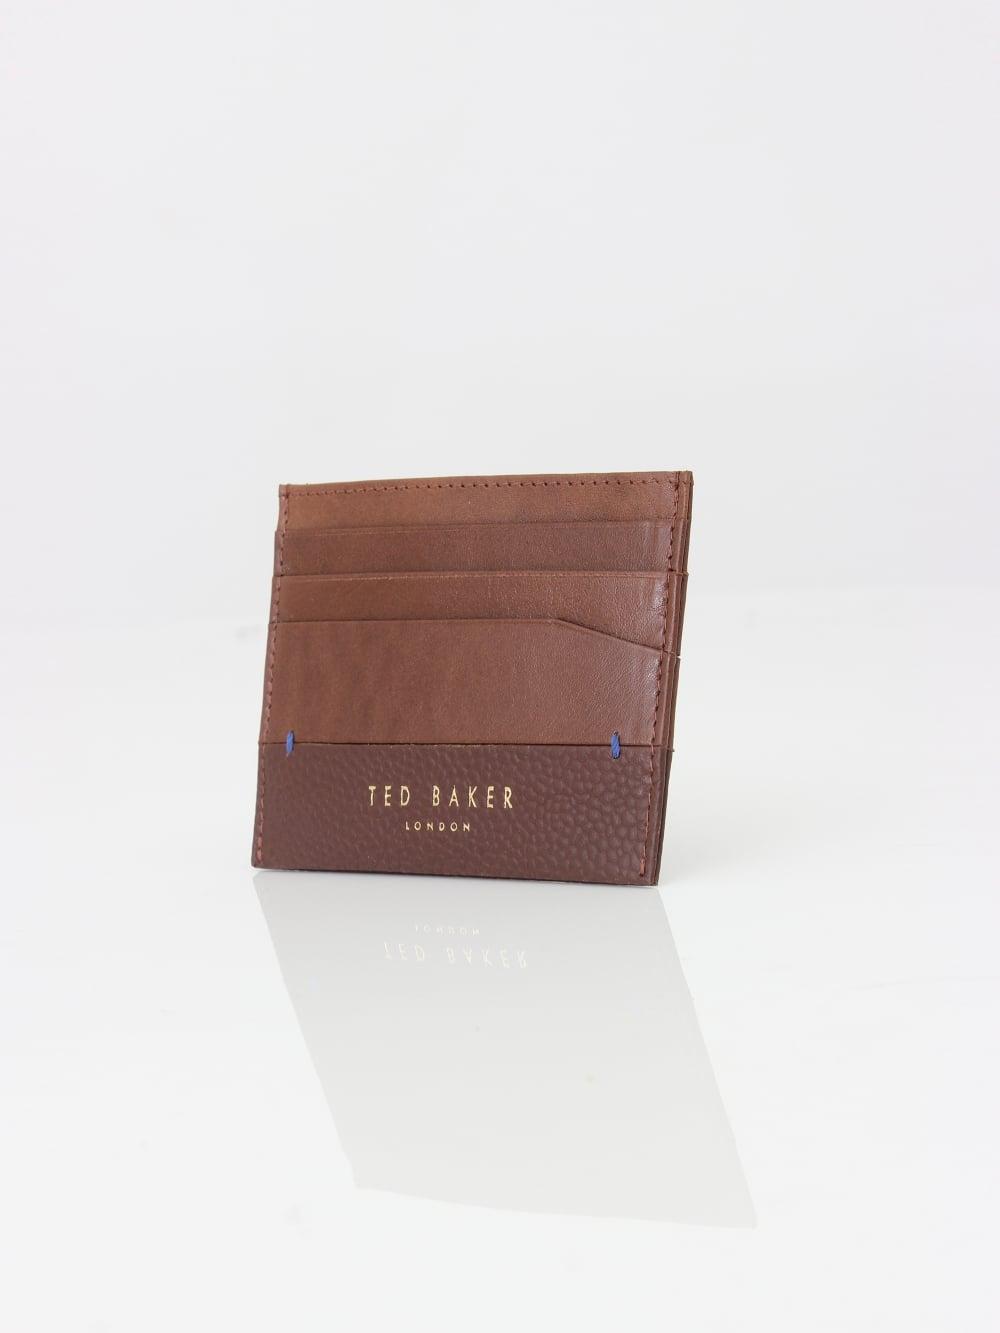 Ted Baker Card Holder Mens Wallet Brown